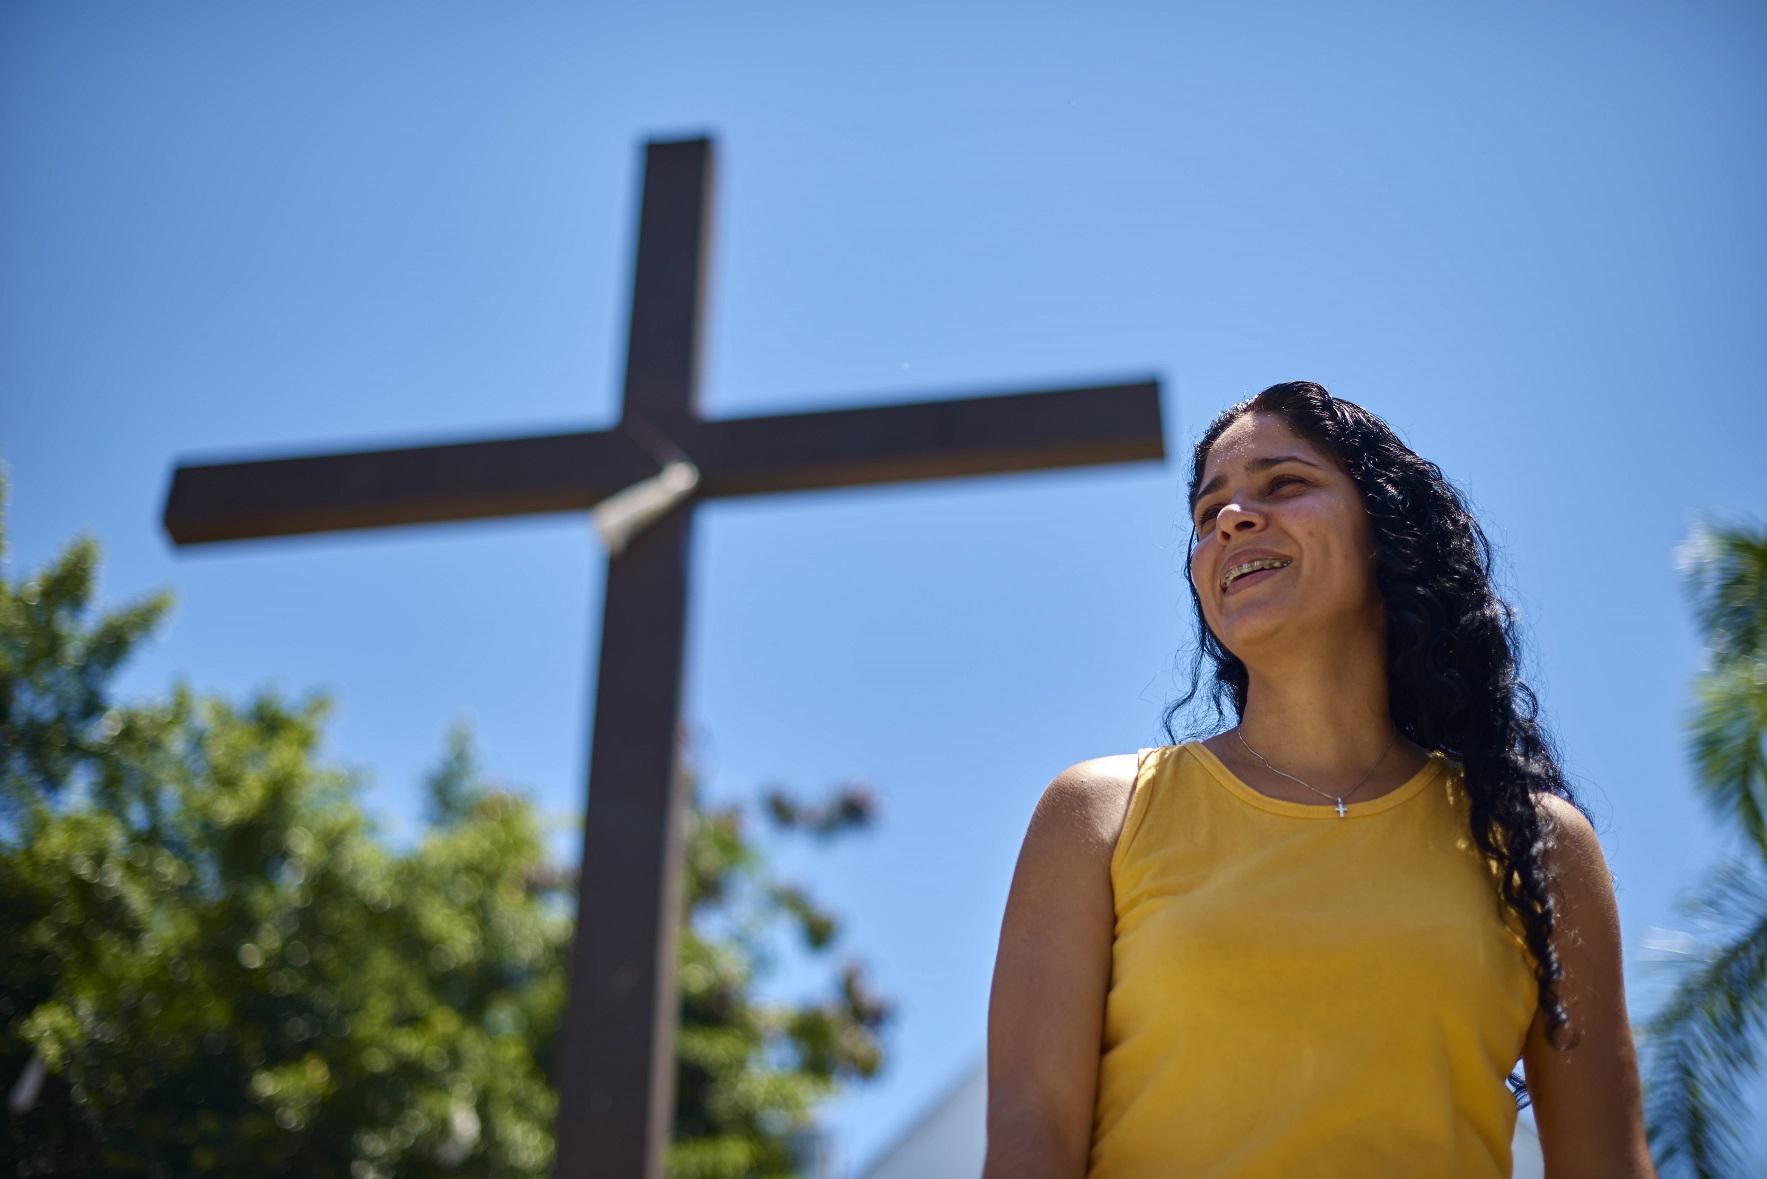 Aline Mendes deixou o emprego no cartório para se dedicar ao trabalho de buscar soluções para a comunidade. Foto Fernando Tribino